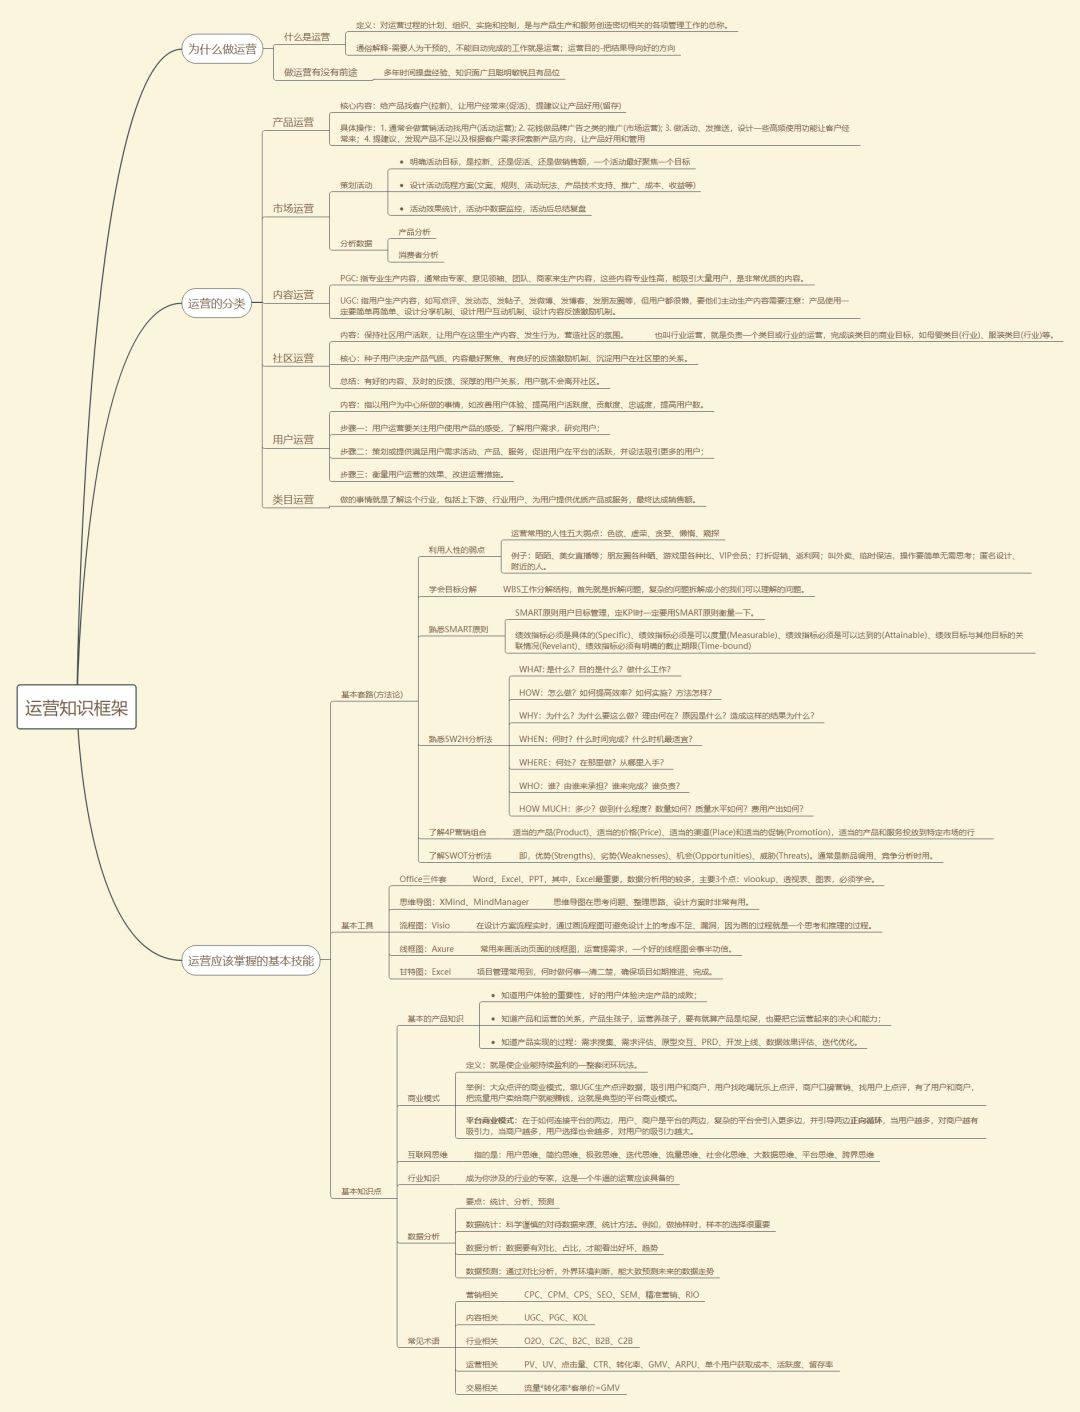 一分时时彩,职场成长,ProcessOn,工作,总结,一分时时彩工具,一分时时彩规划